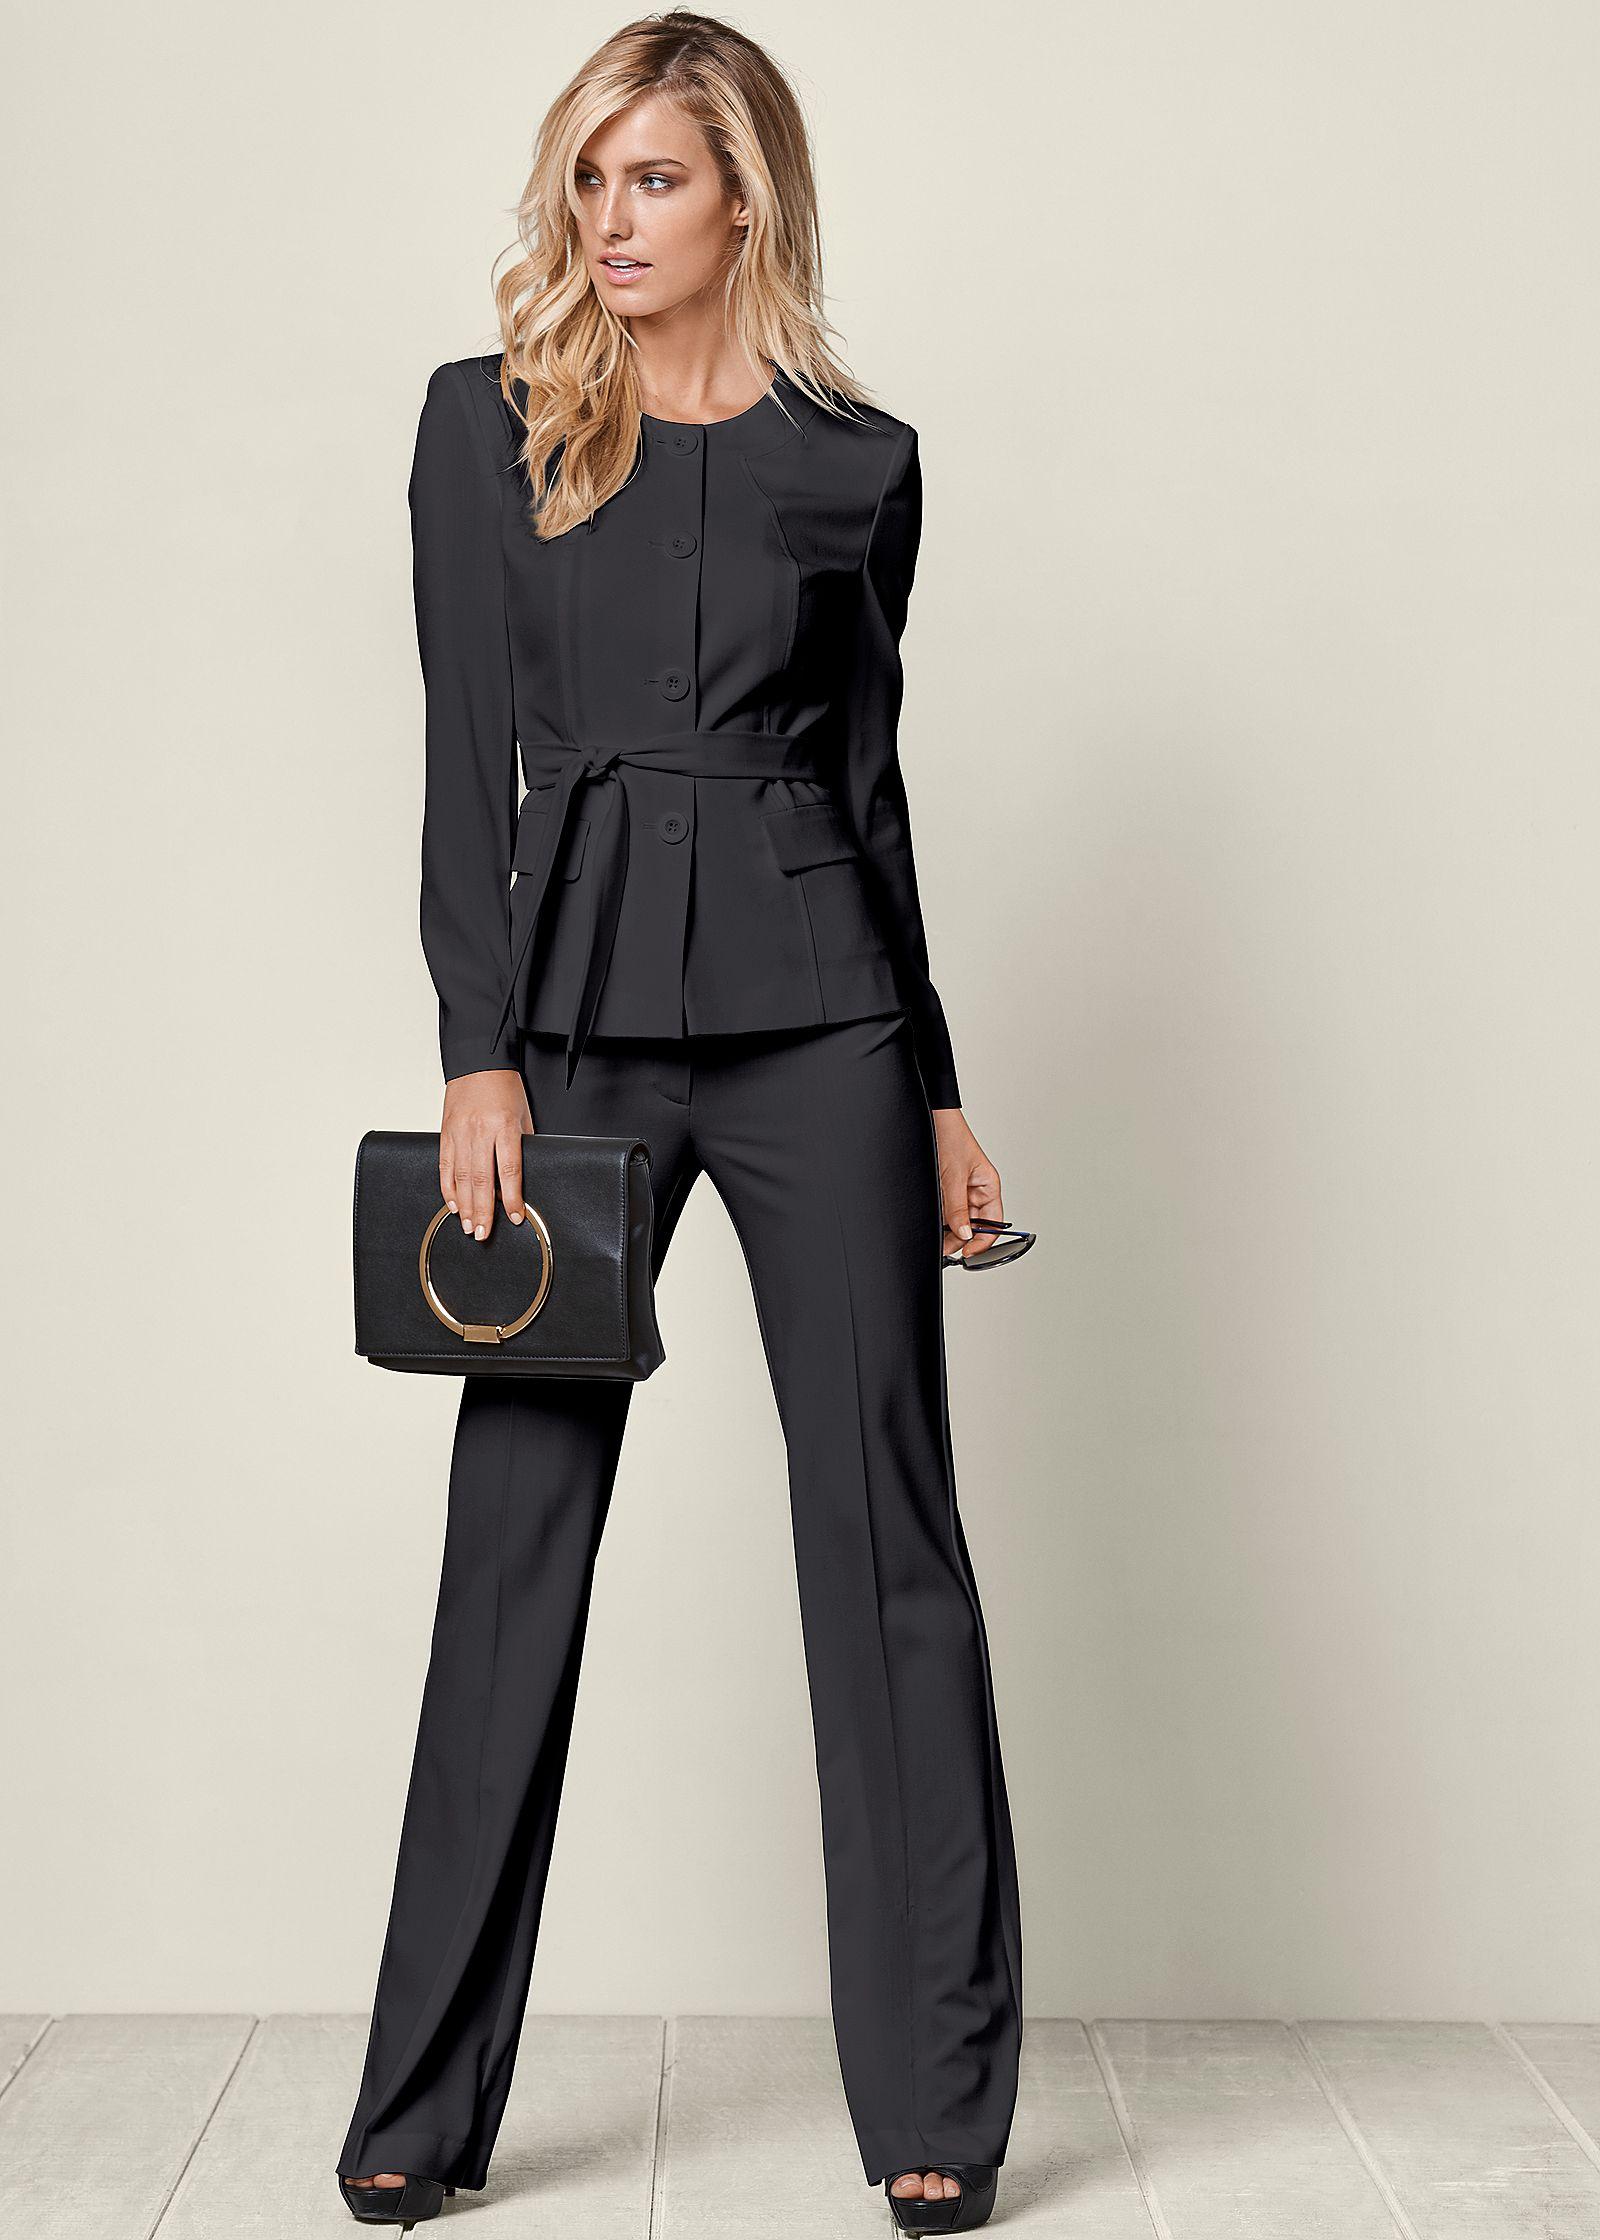 Long Pant Suit